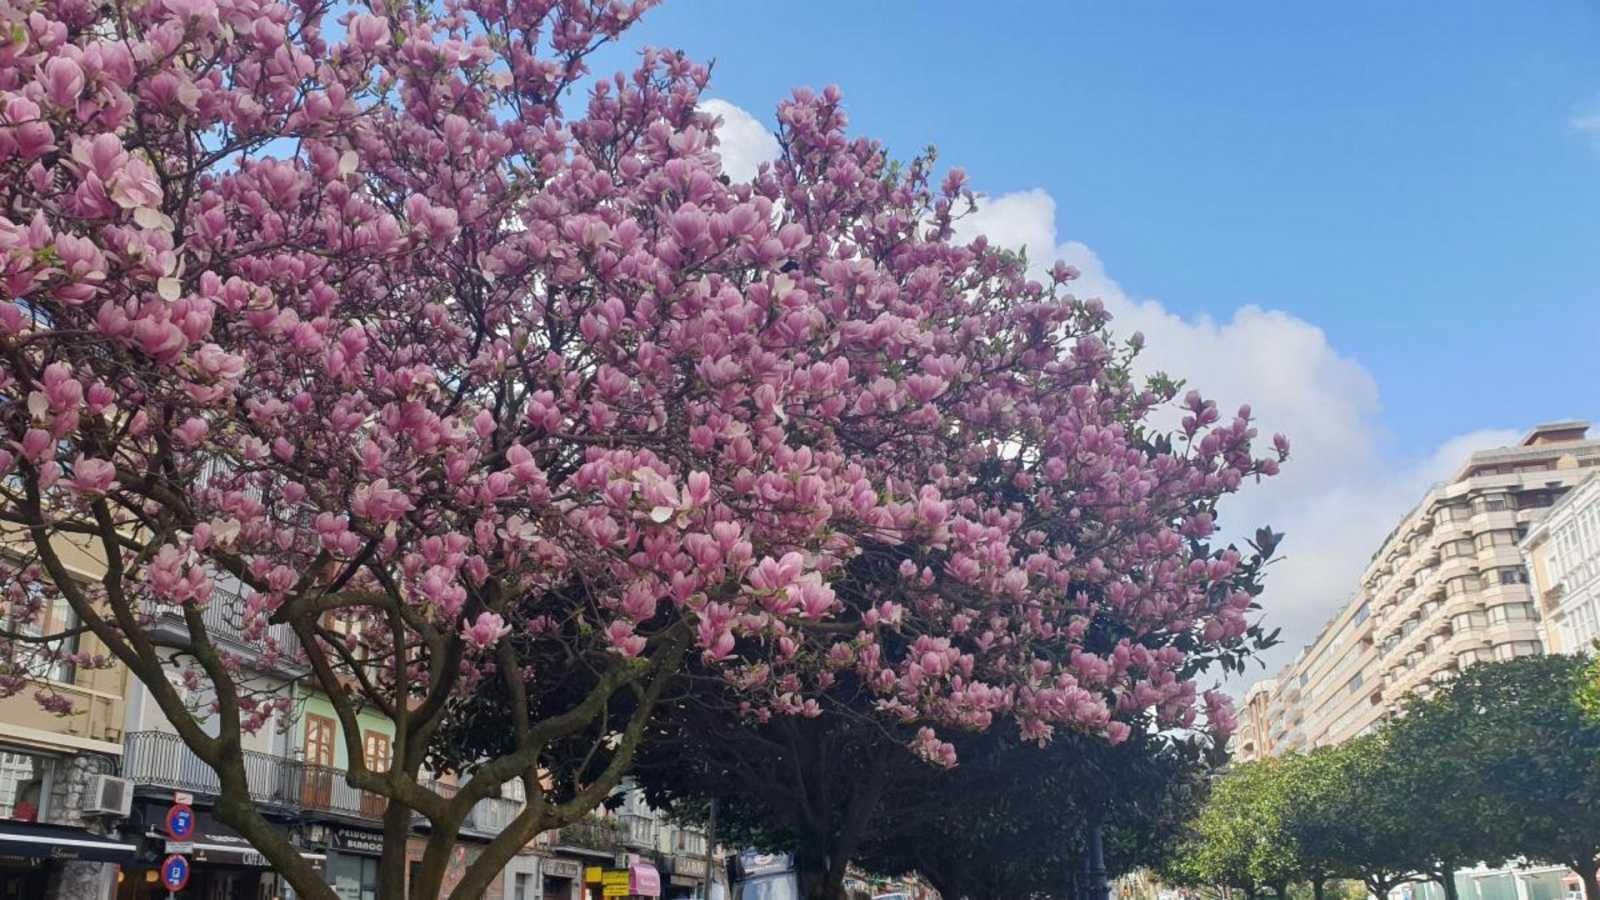 Las mañanas con Pepa Fernández - Primera hora: Radio de mayores, la primavera y 13 rue del percebe radiofónico - 20/03/20 - escuchar ahora